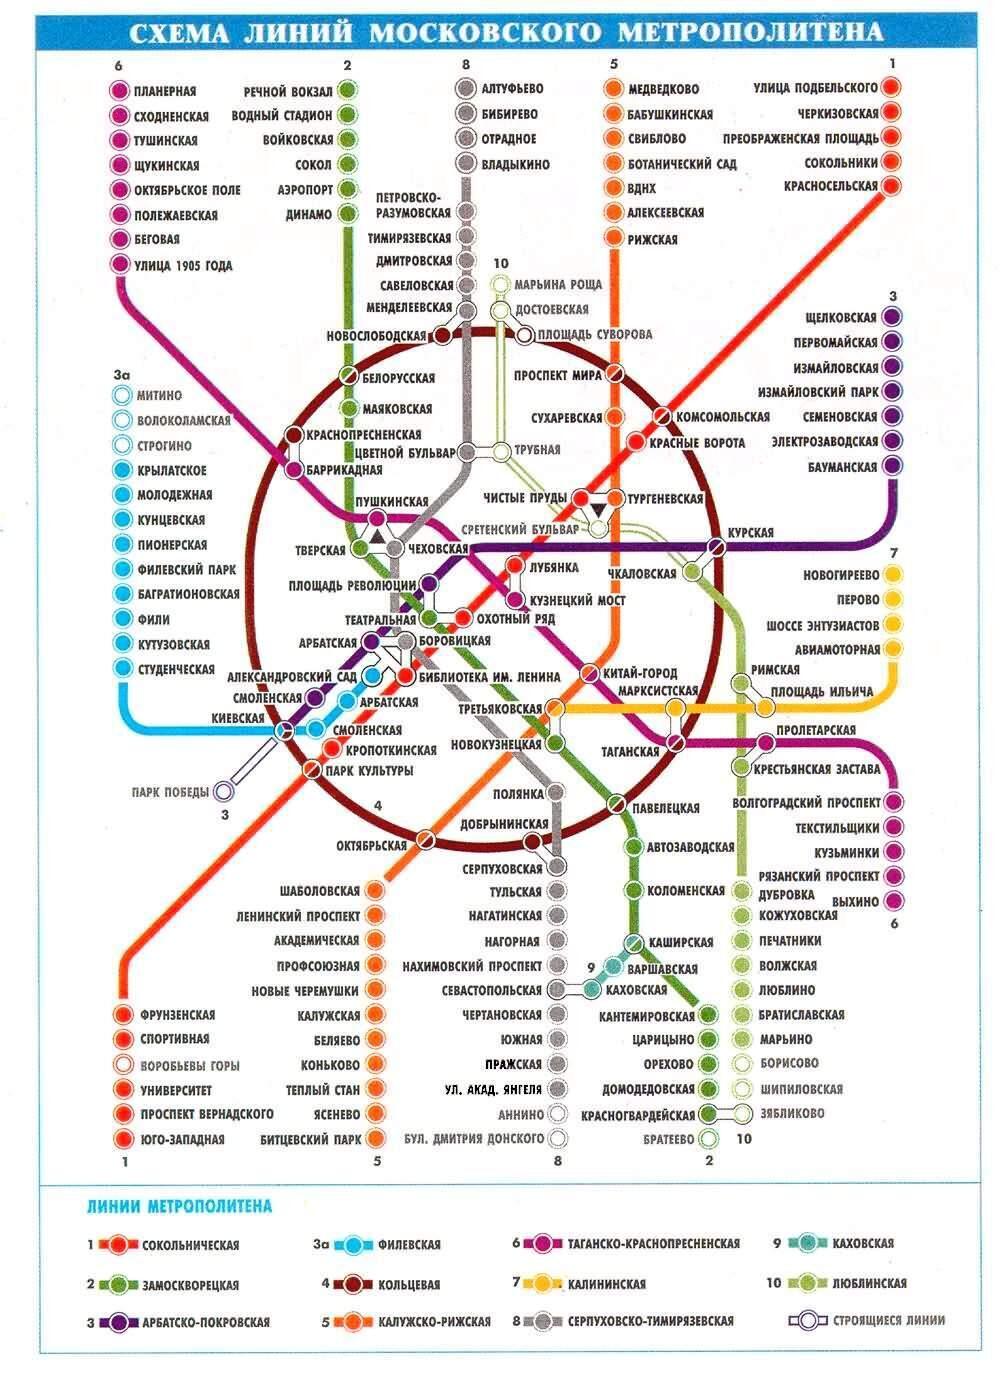 схема москве метрополитена